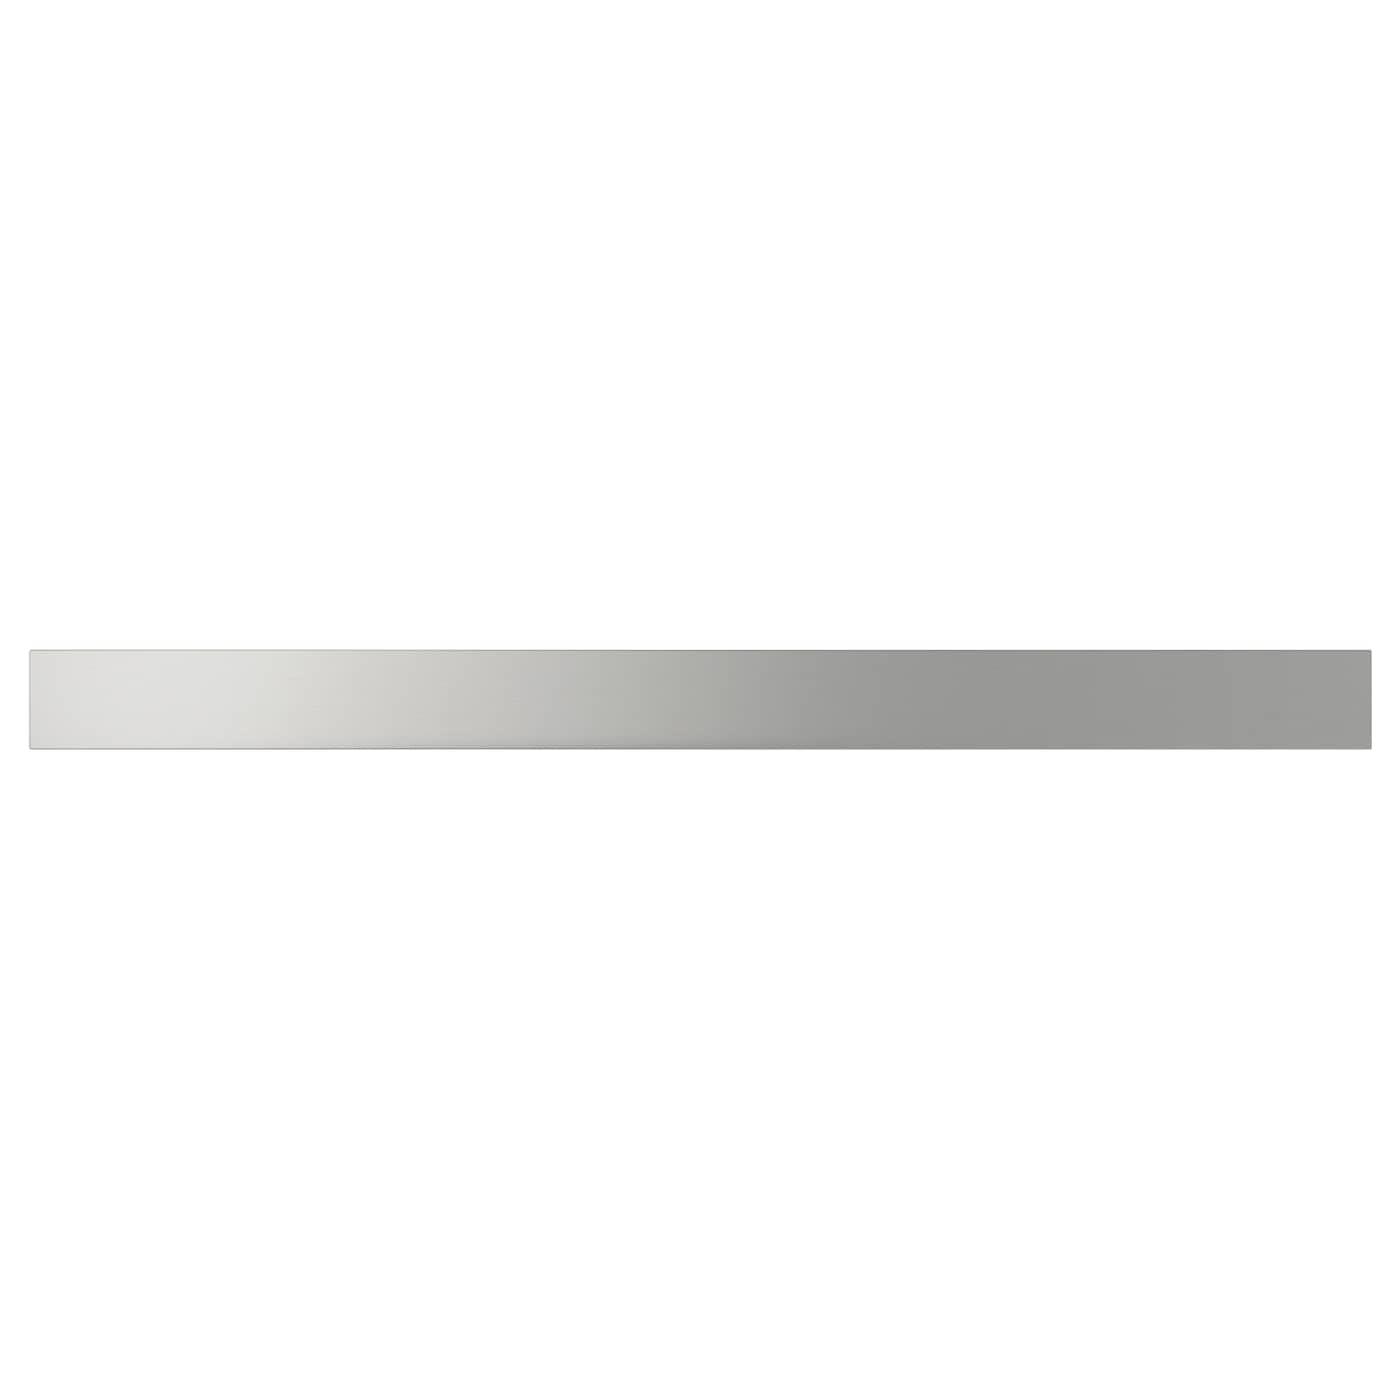 Spritzschutz Ikea lysekil wandpaneel ikea